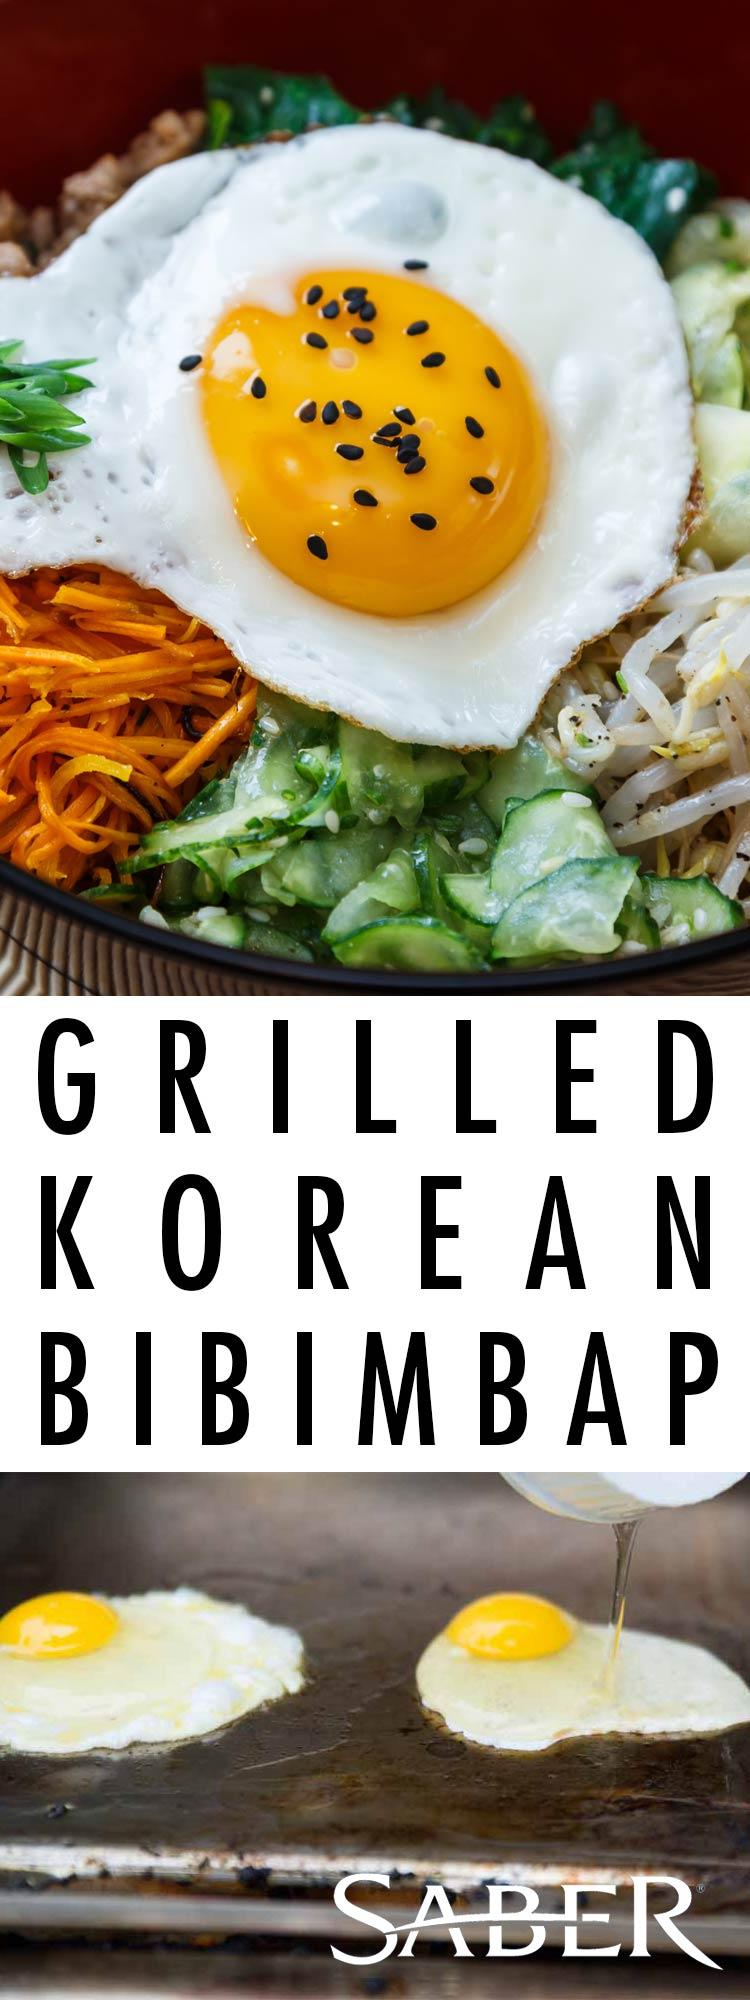 grilled korean bibimbap